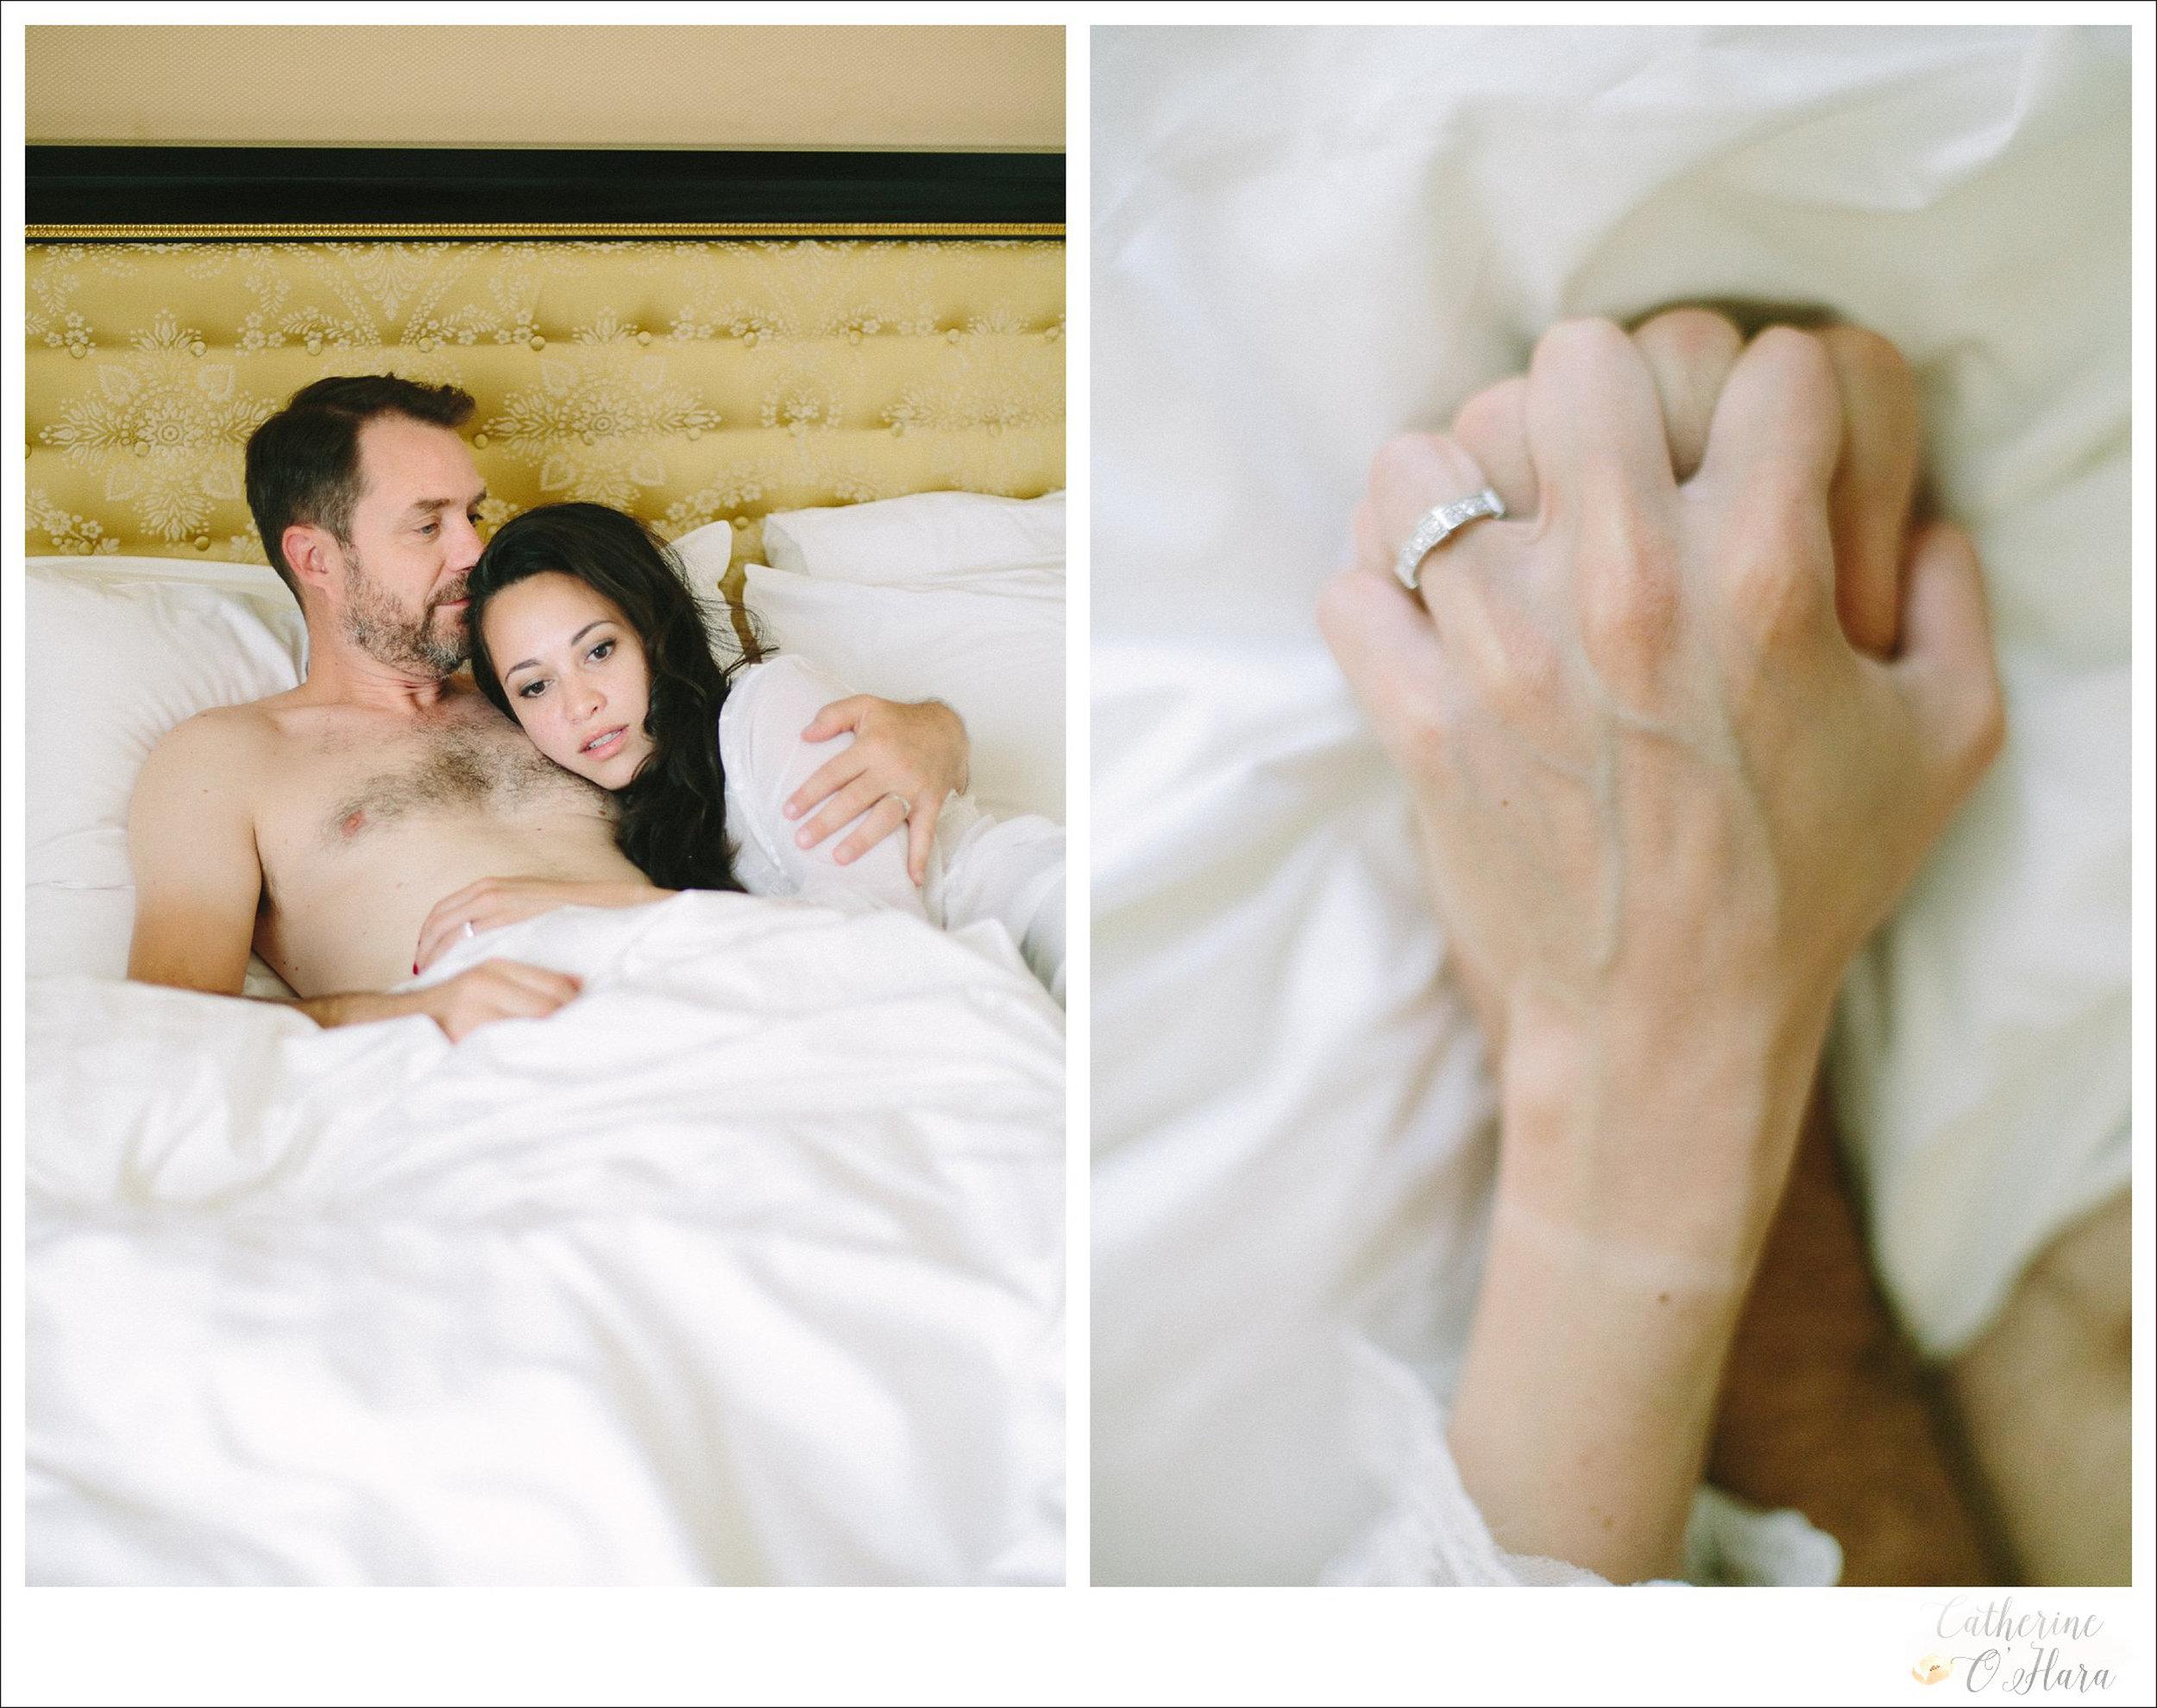 07-paris-couples-boudoir-shoot.jpg